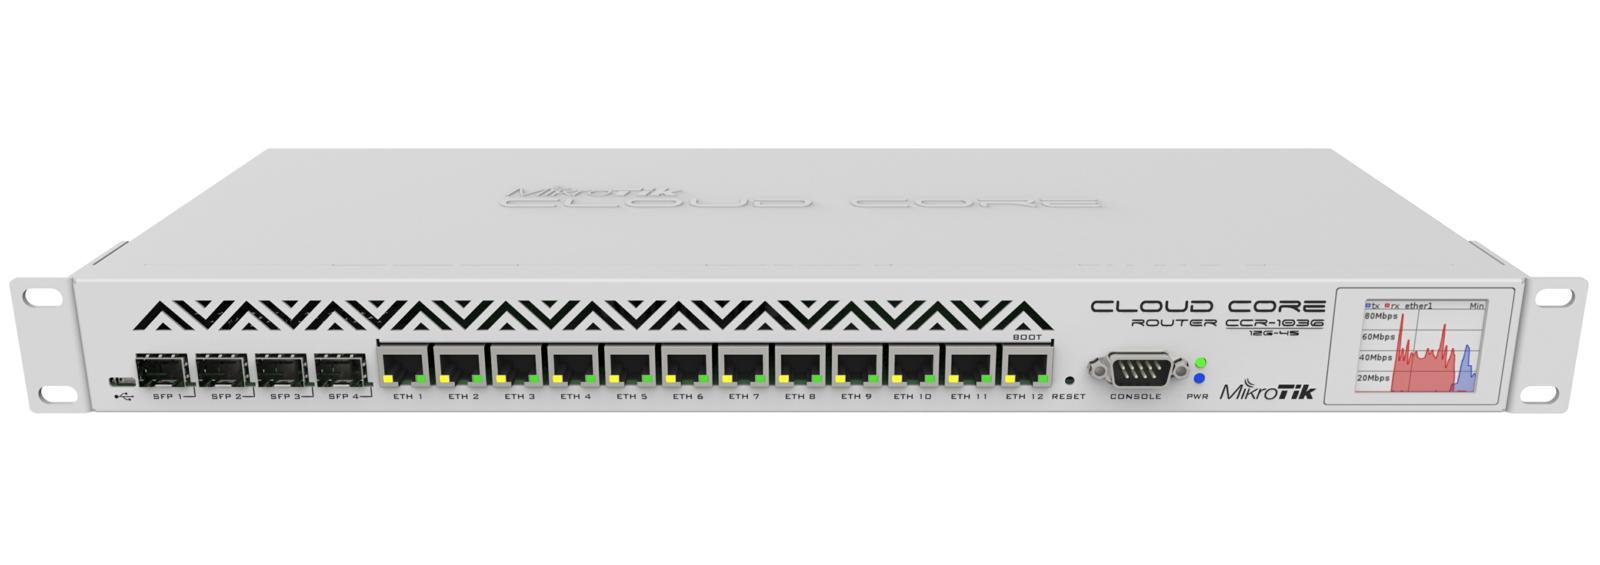 SICE Distributore Ufficiale  Routers CloudCoreRouter 1036-12G-4S-EM 36Cores(1.2GHz) 4SFP 16GB RAM | CCR1036-12G-4SEM